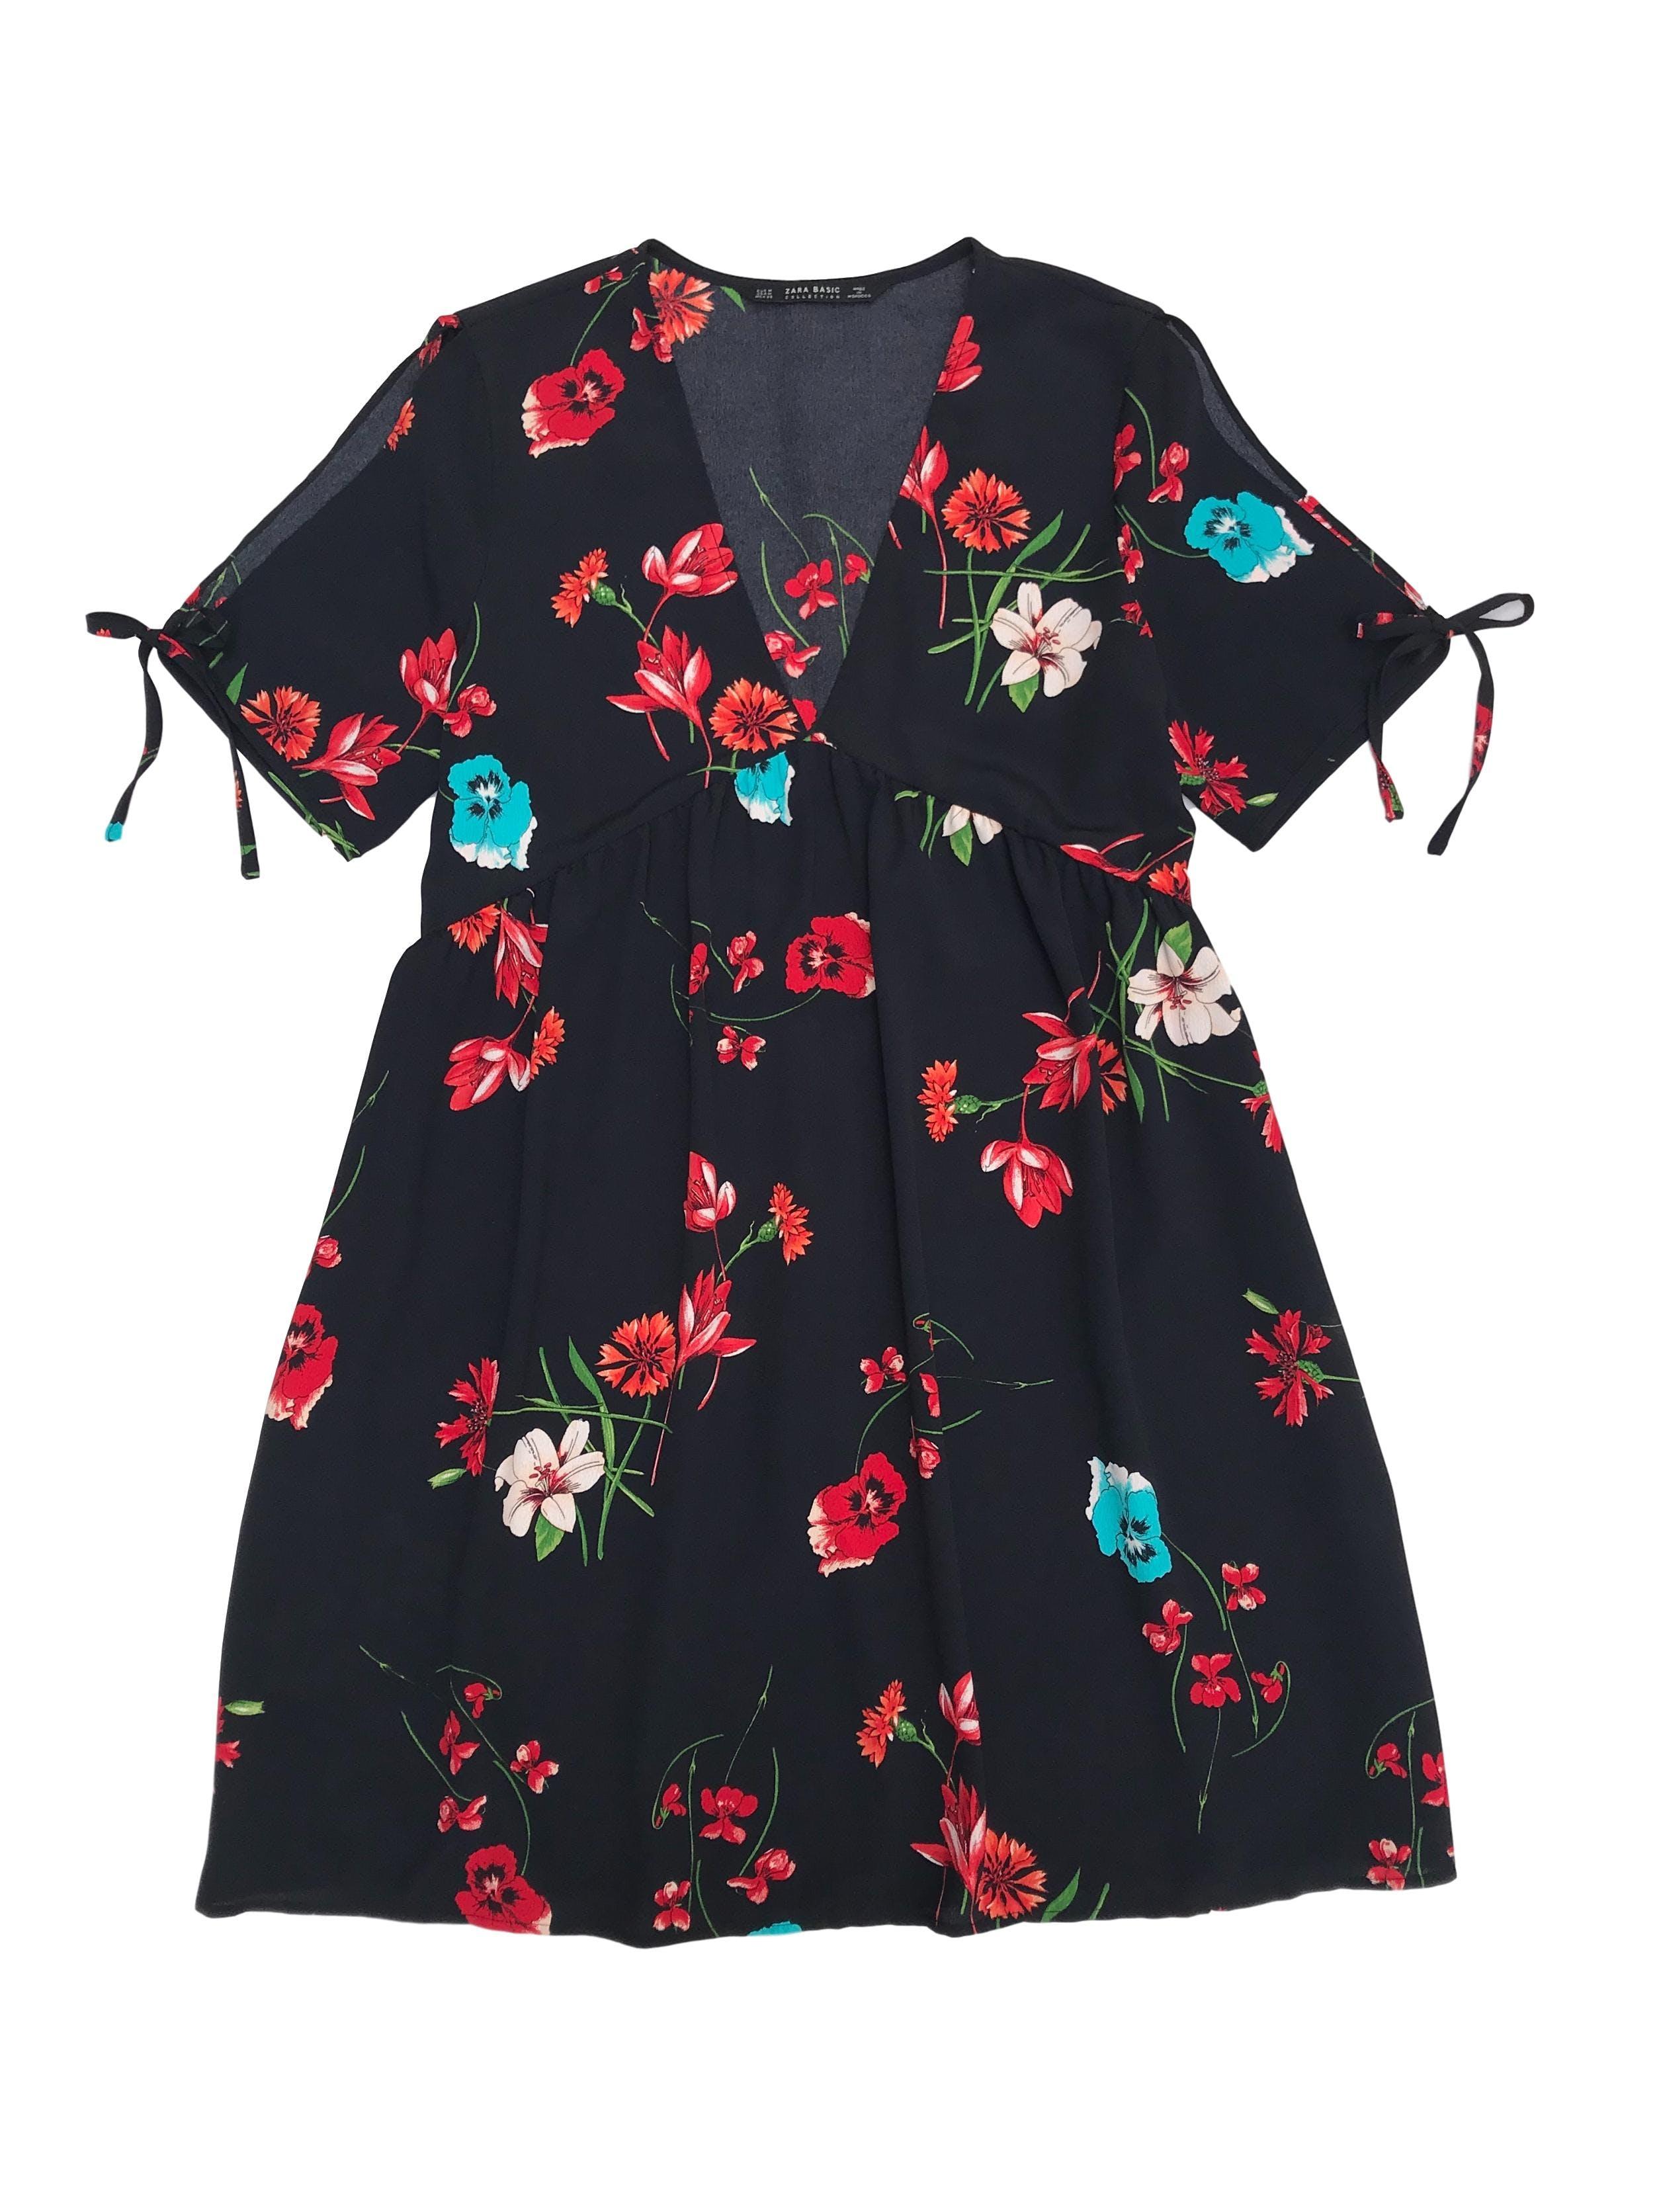 Vestido Zara de crepé negro con estampado de flores, escote en V, manga corta con abertura y lazos, suelto. Busto 96cm Largo 85cm